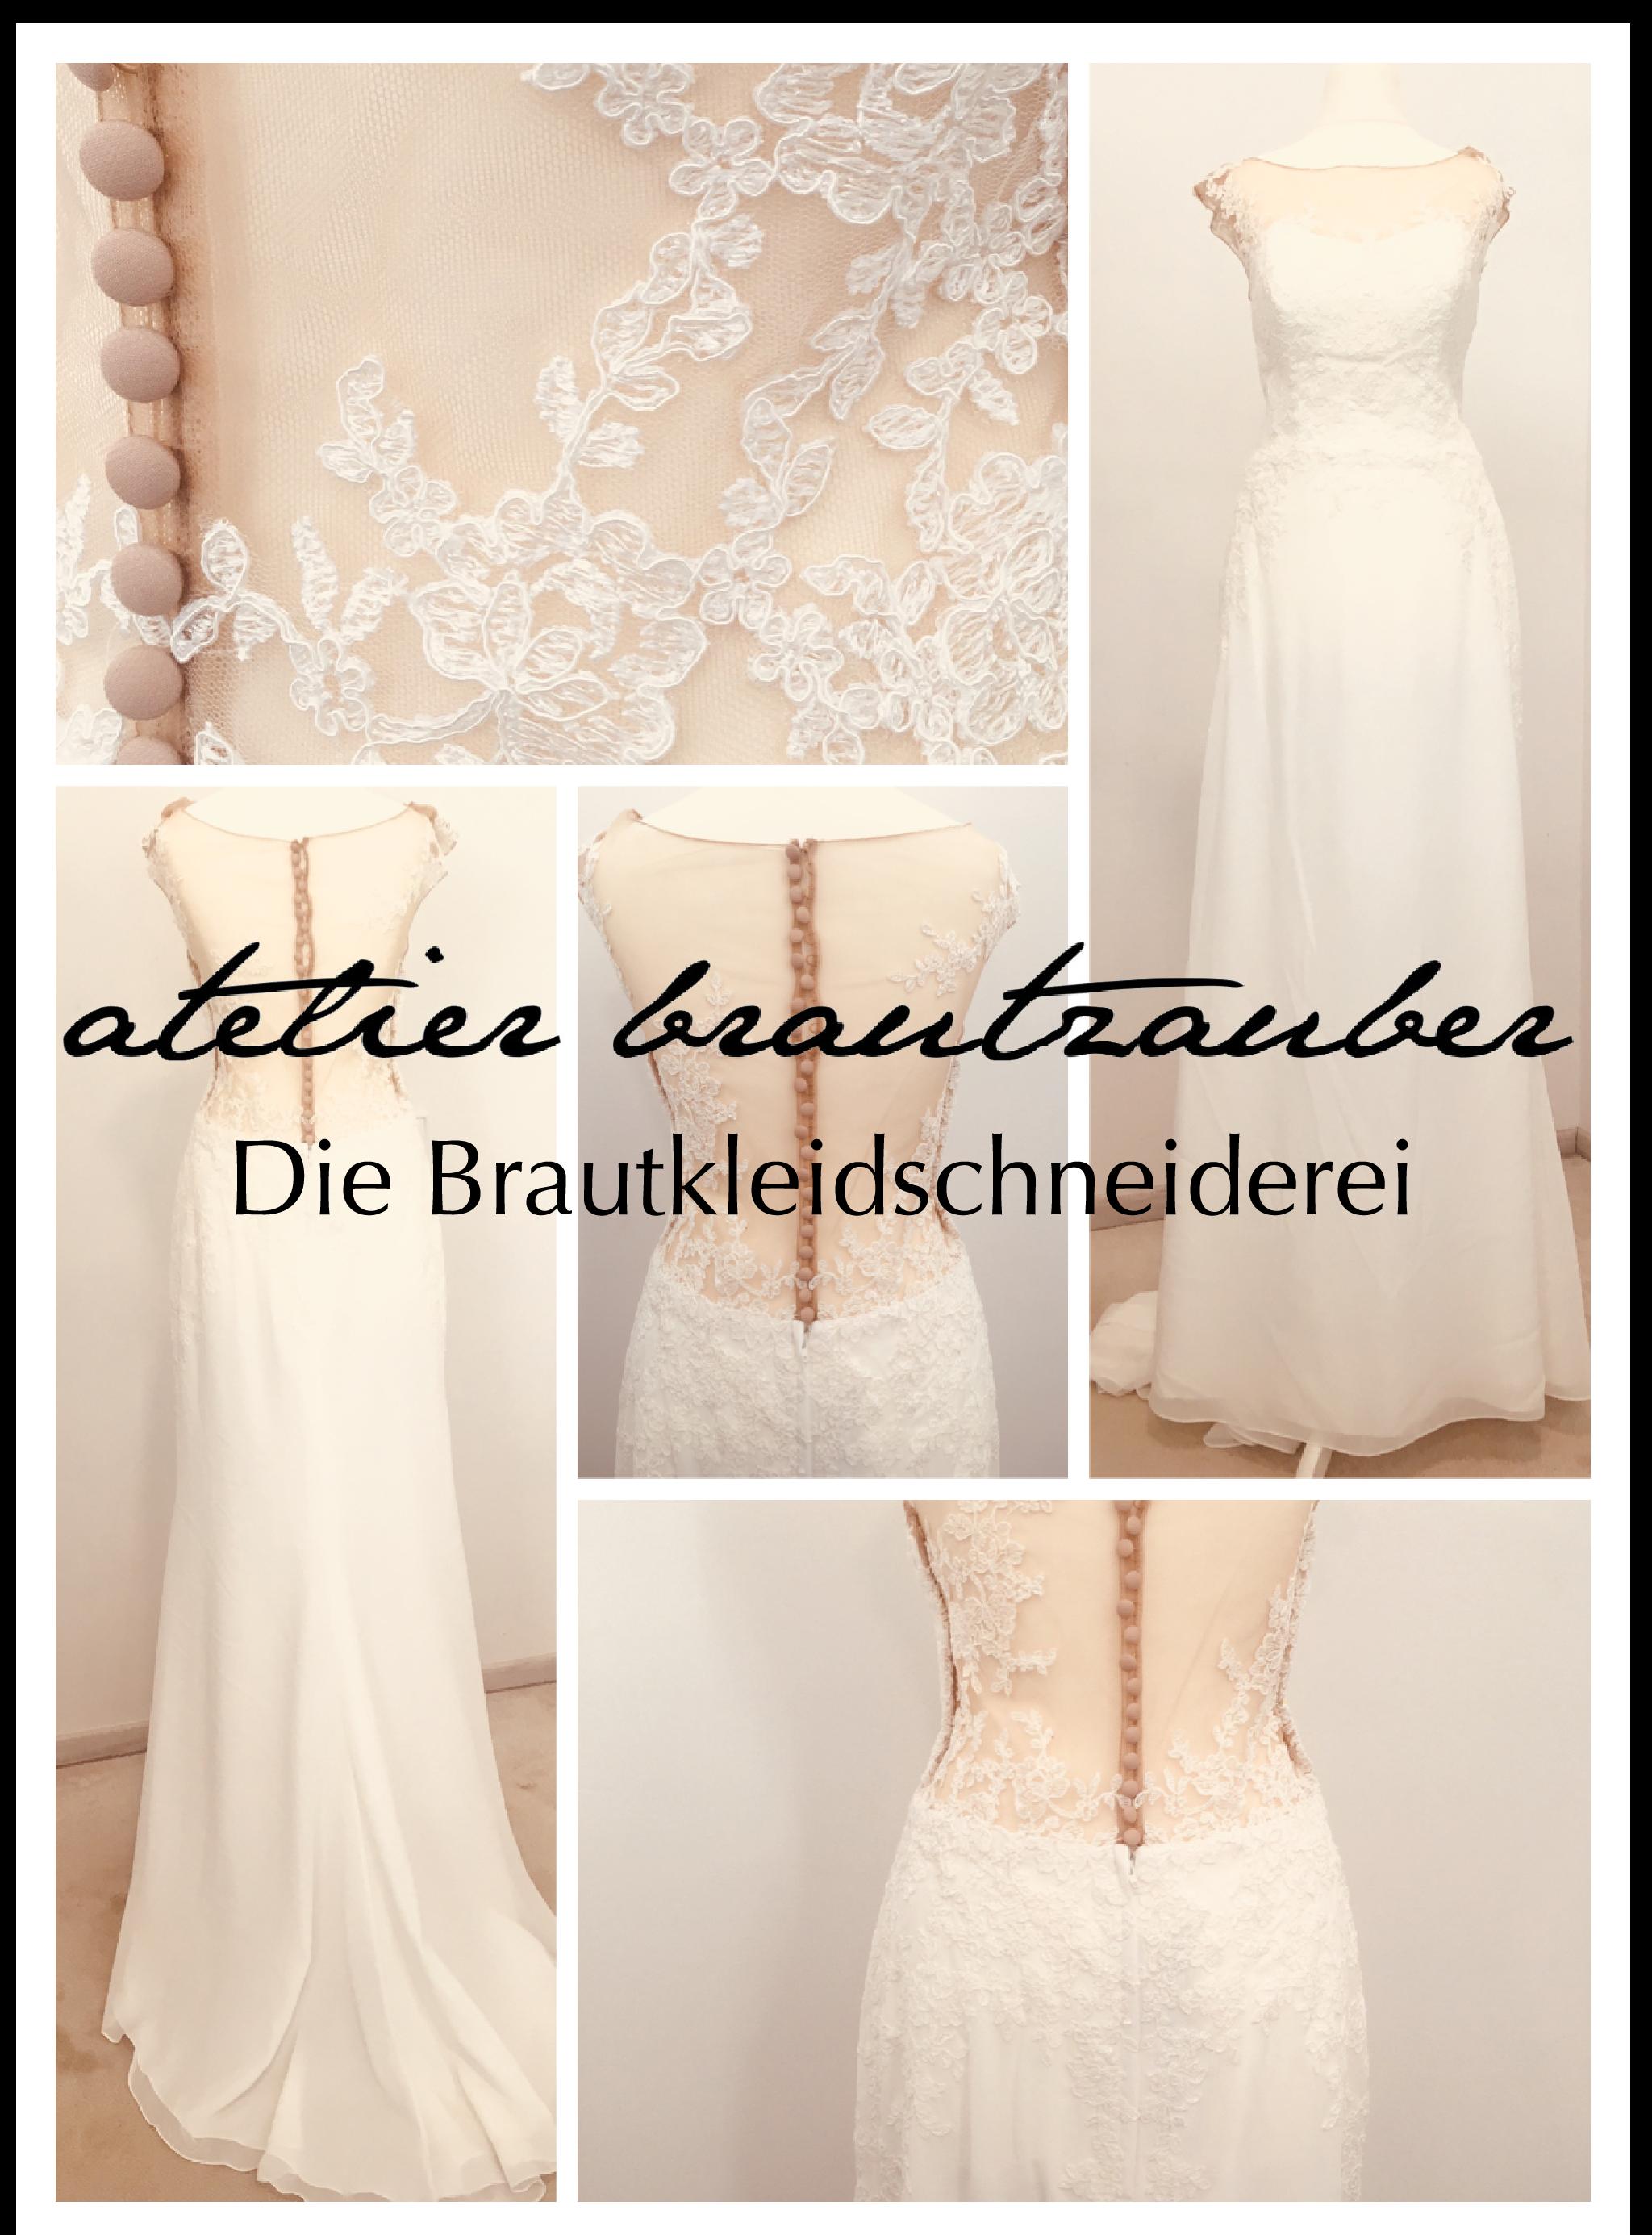 Brautkleid Anderung Und Anfertigung Hauptstrasse Atelier Brautzauber Brautkleid Braut Kleid Hochzeit